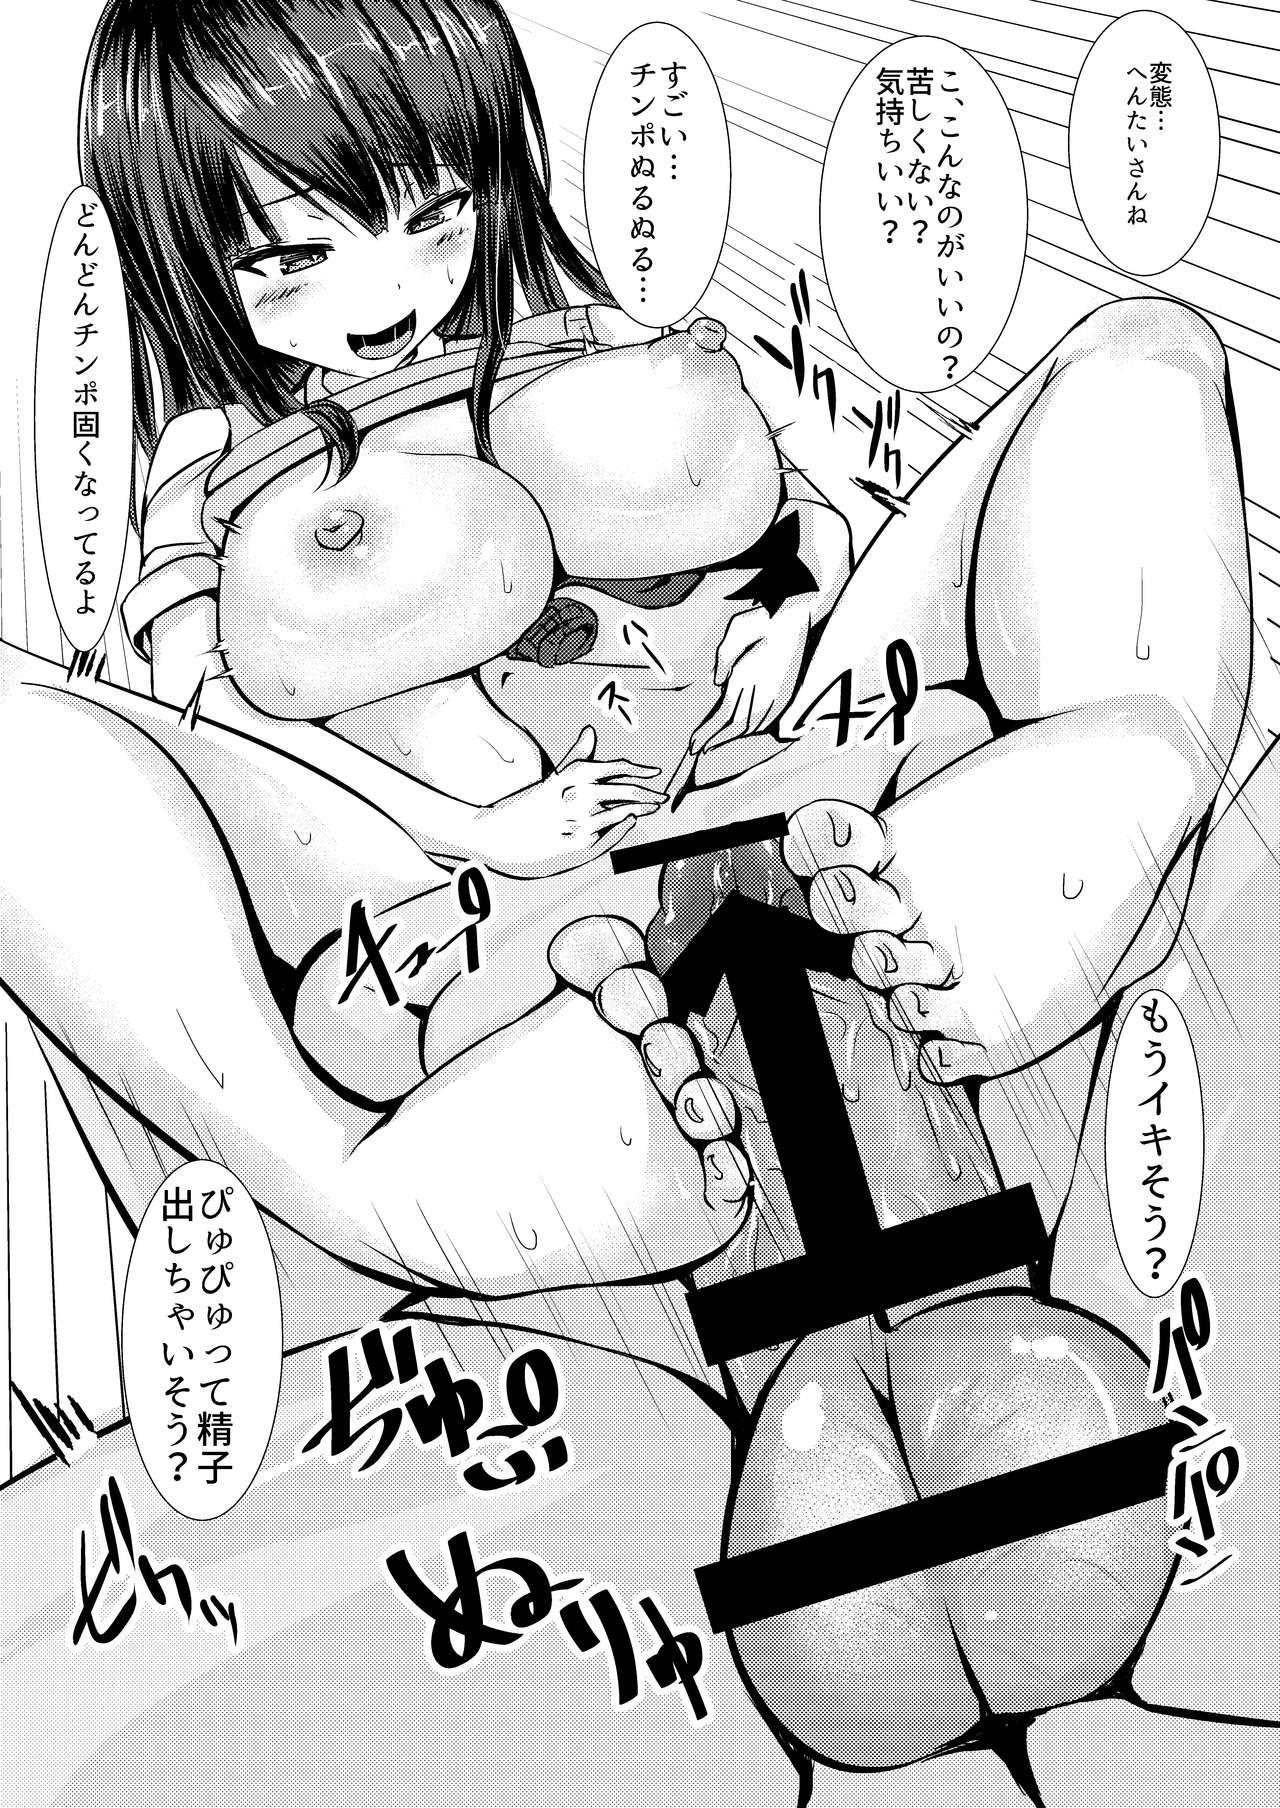 Ashiura Maniacs Vol.1 8